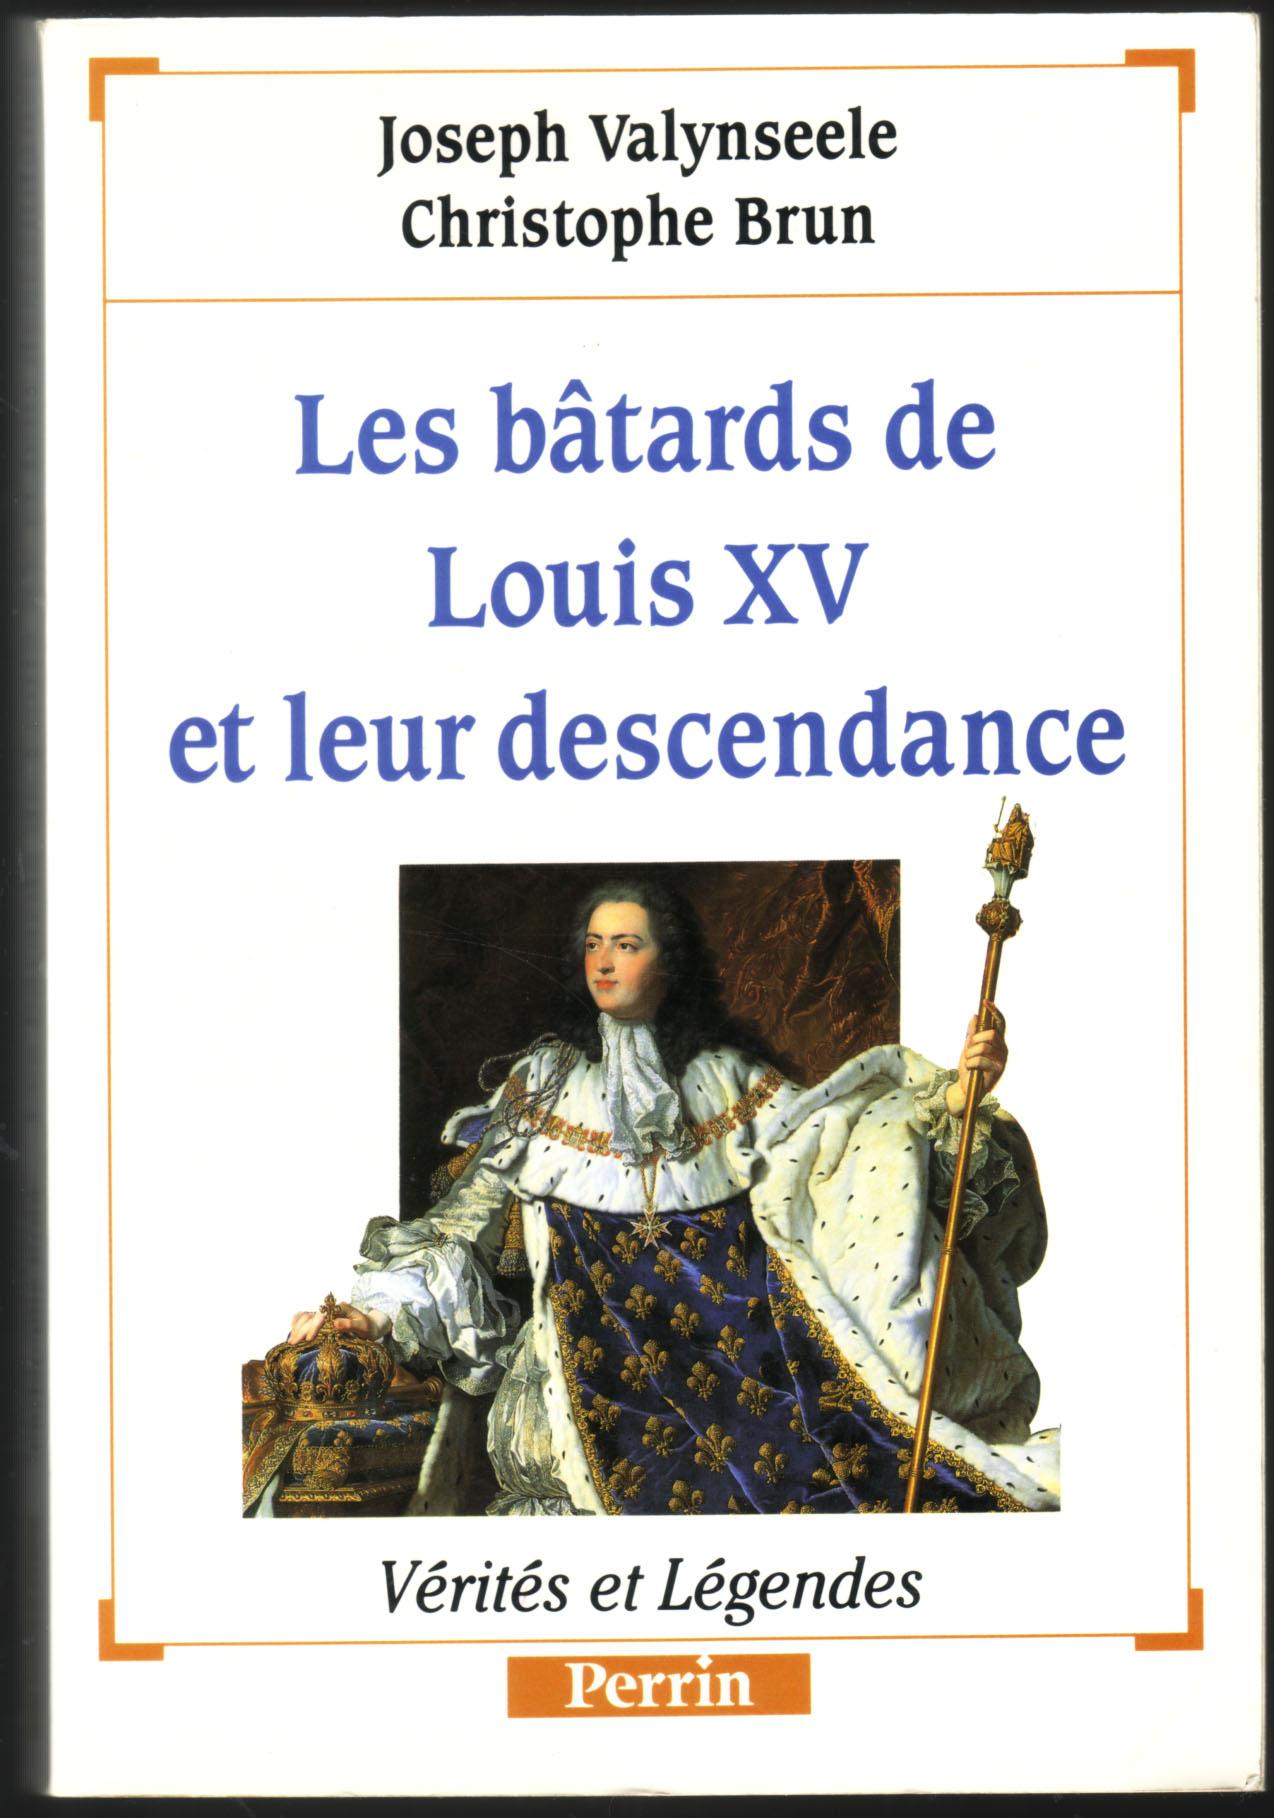 Les bâtards de Louis XV et leur descendance